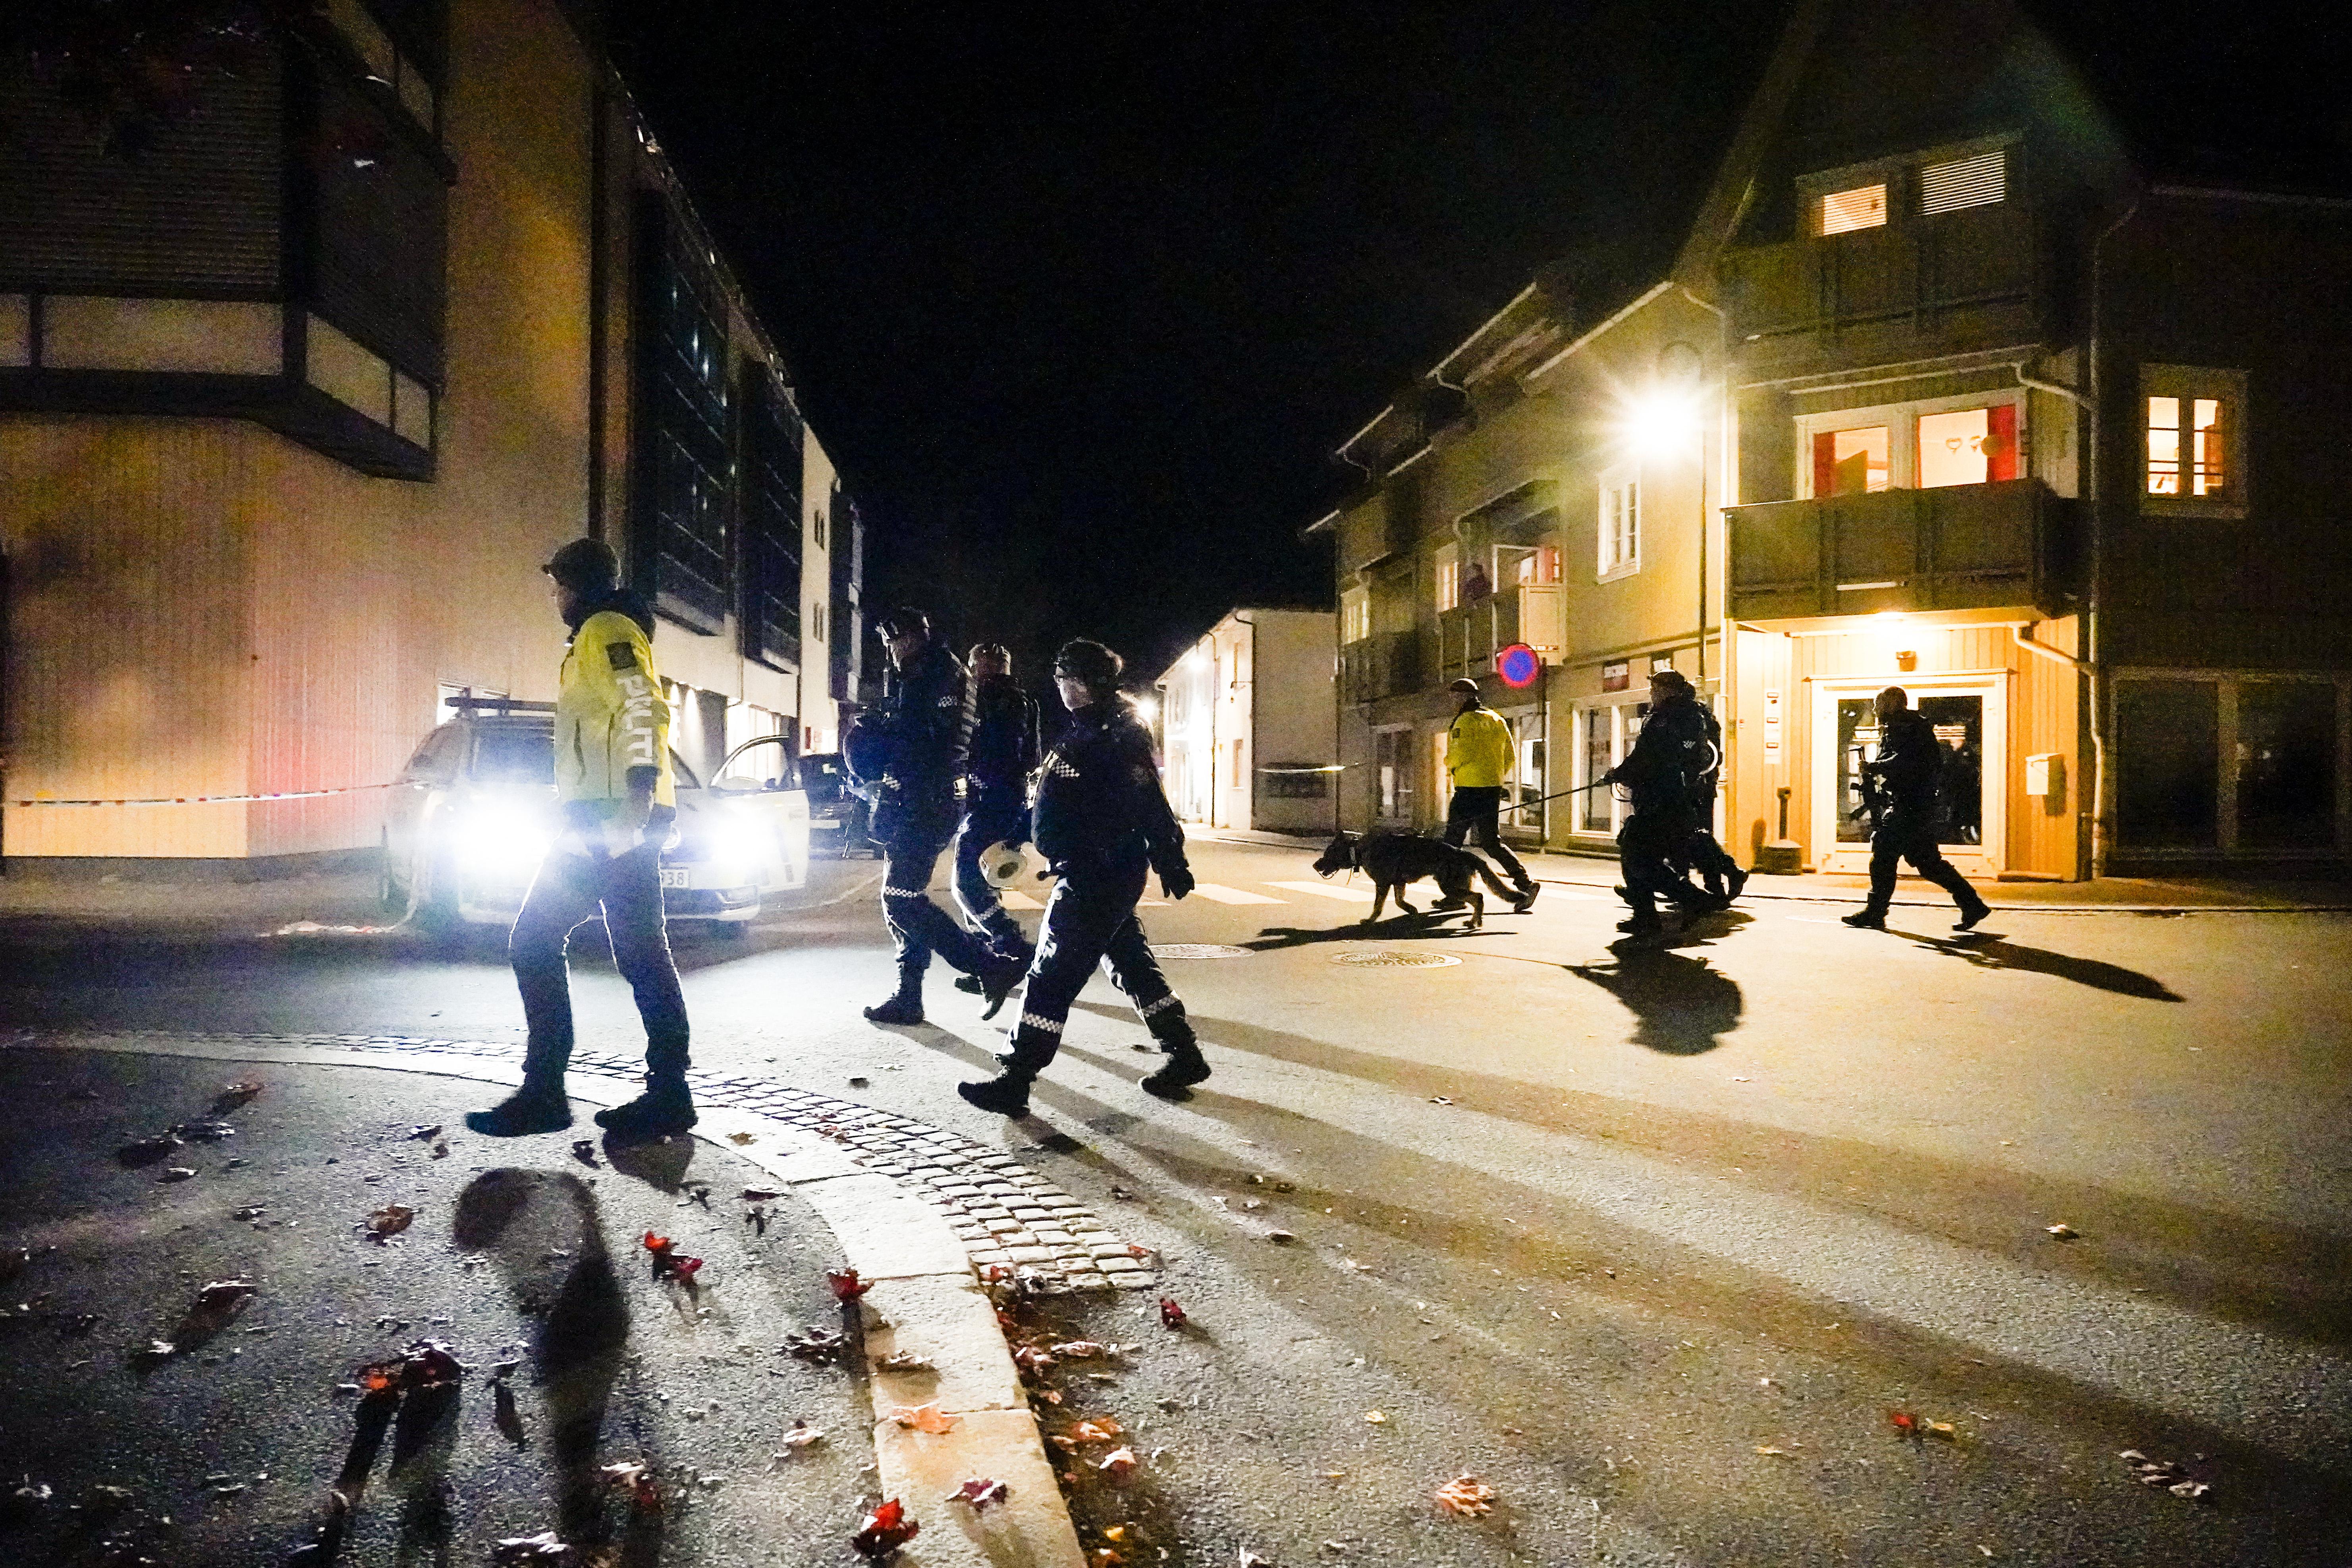 Íjjal lövöldözött egy férfi egy norvég városban, több halott van